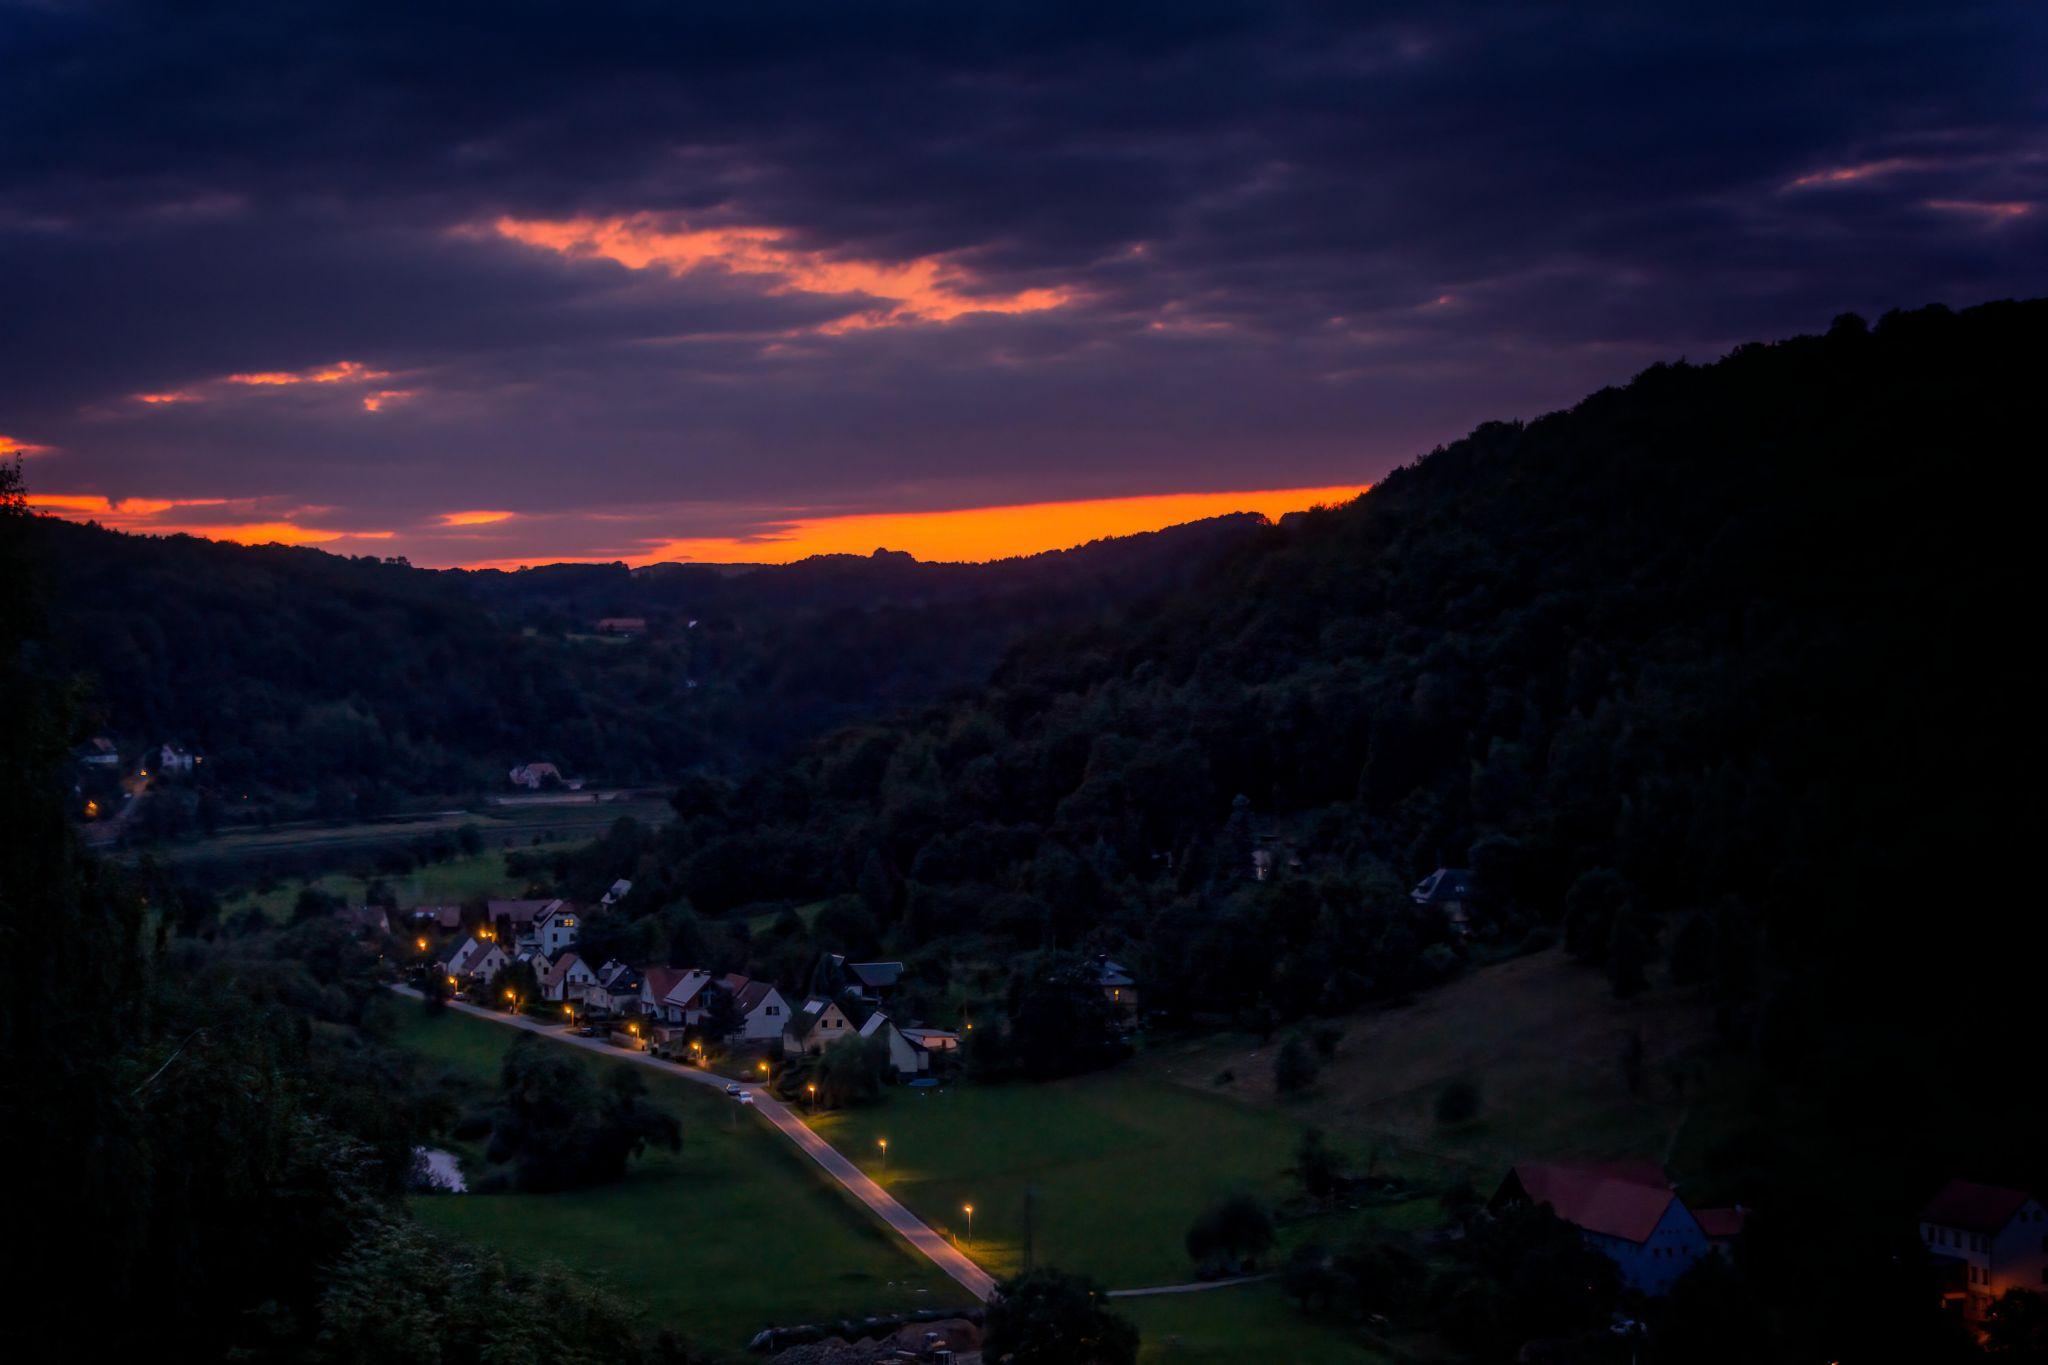 Halbestadt Night View from Königstein, Germany